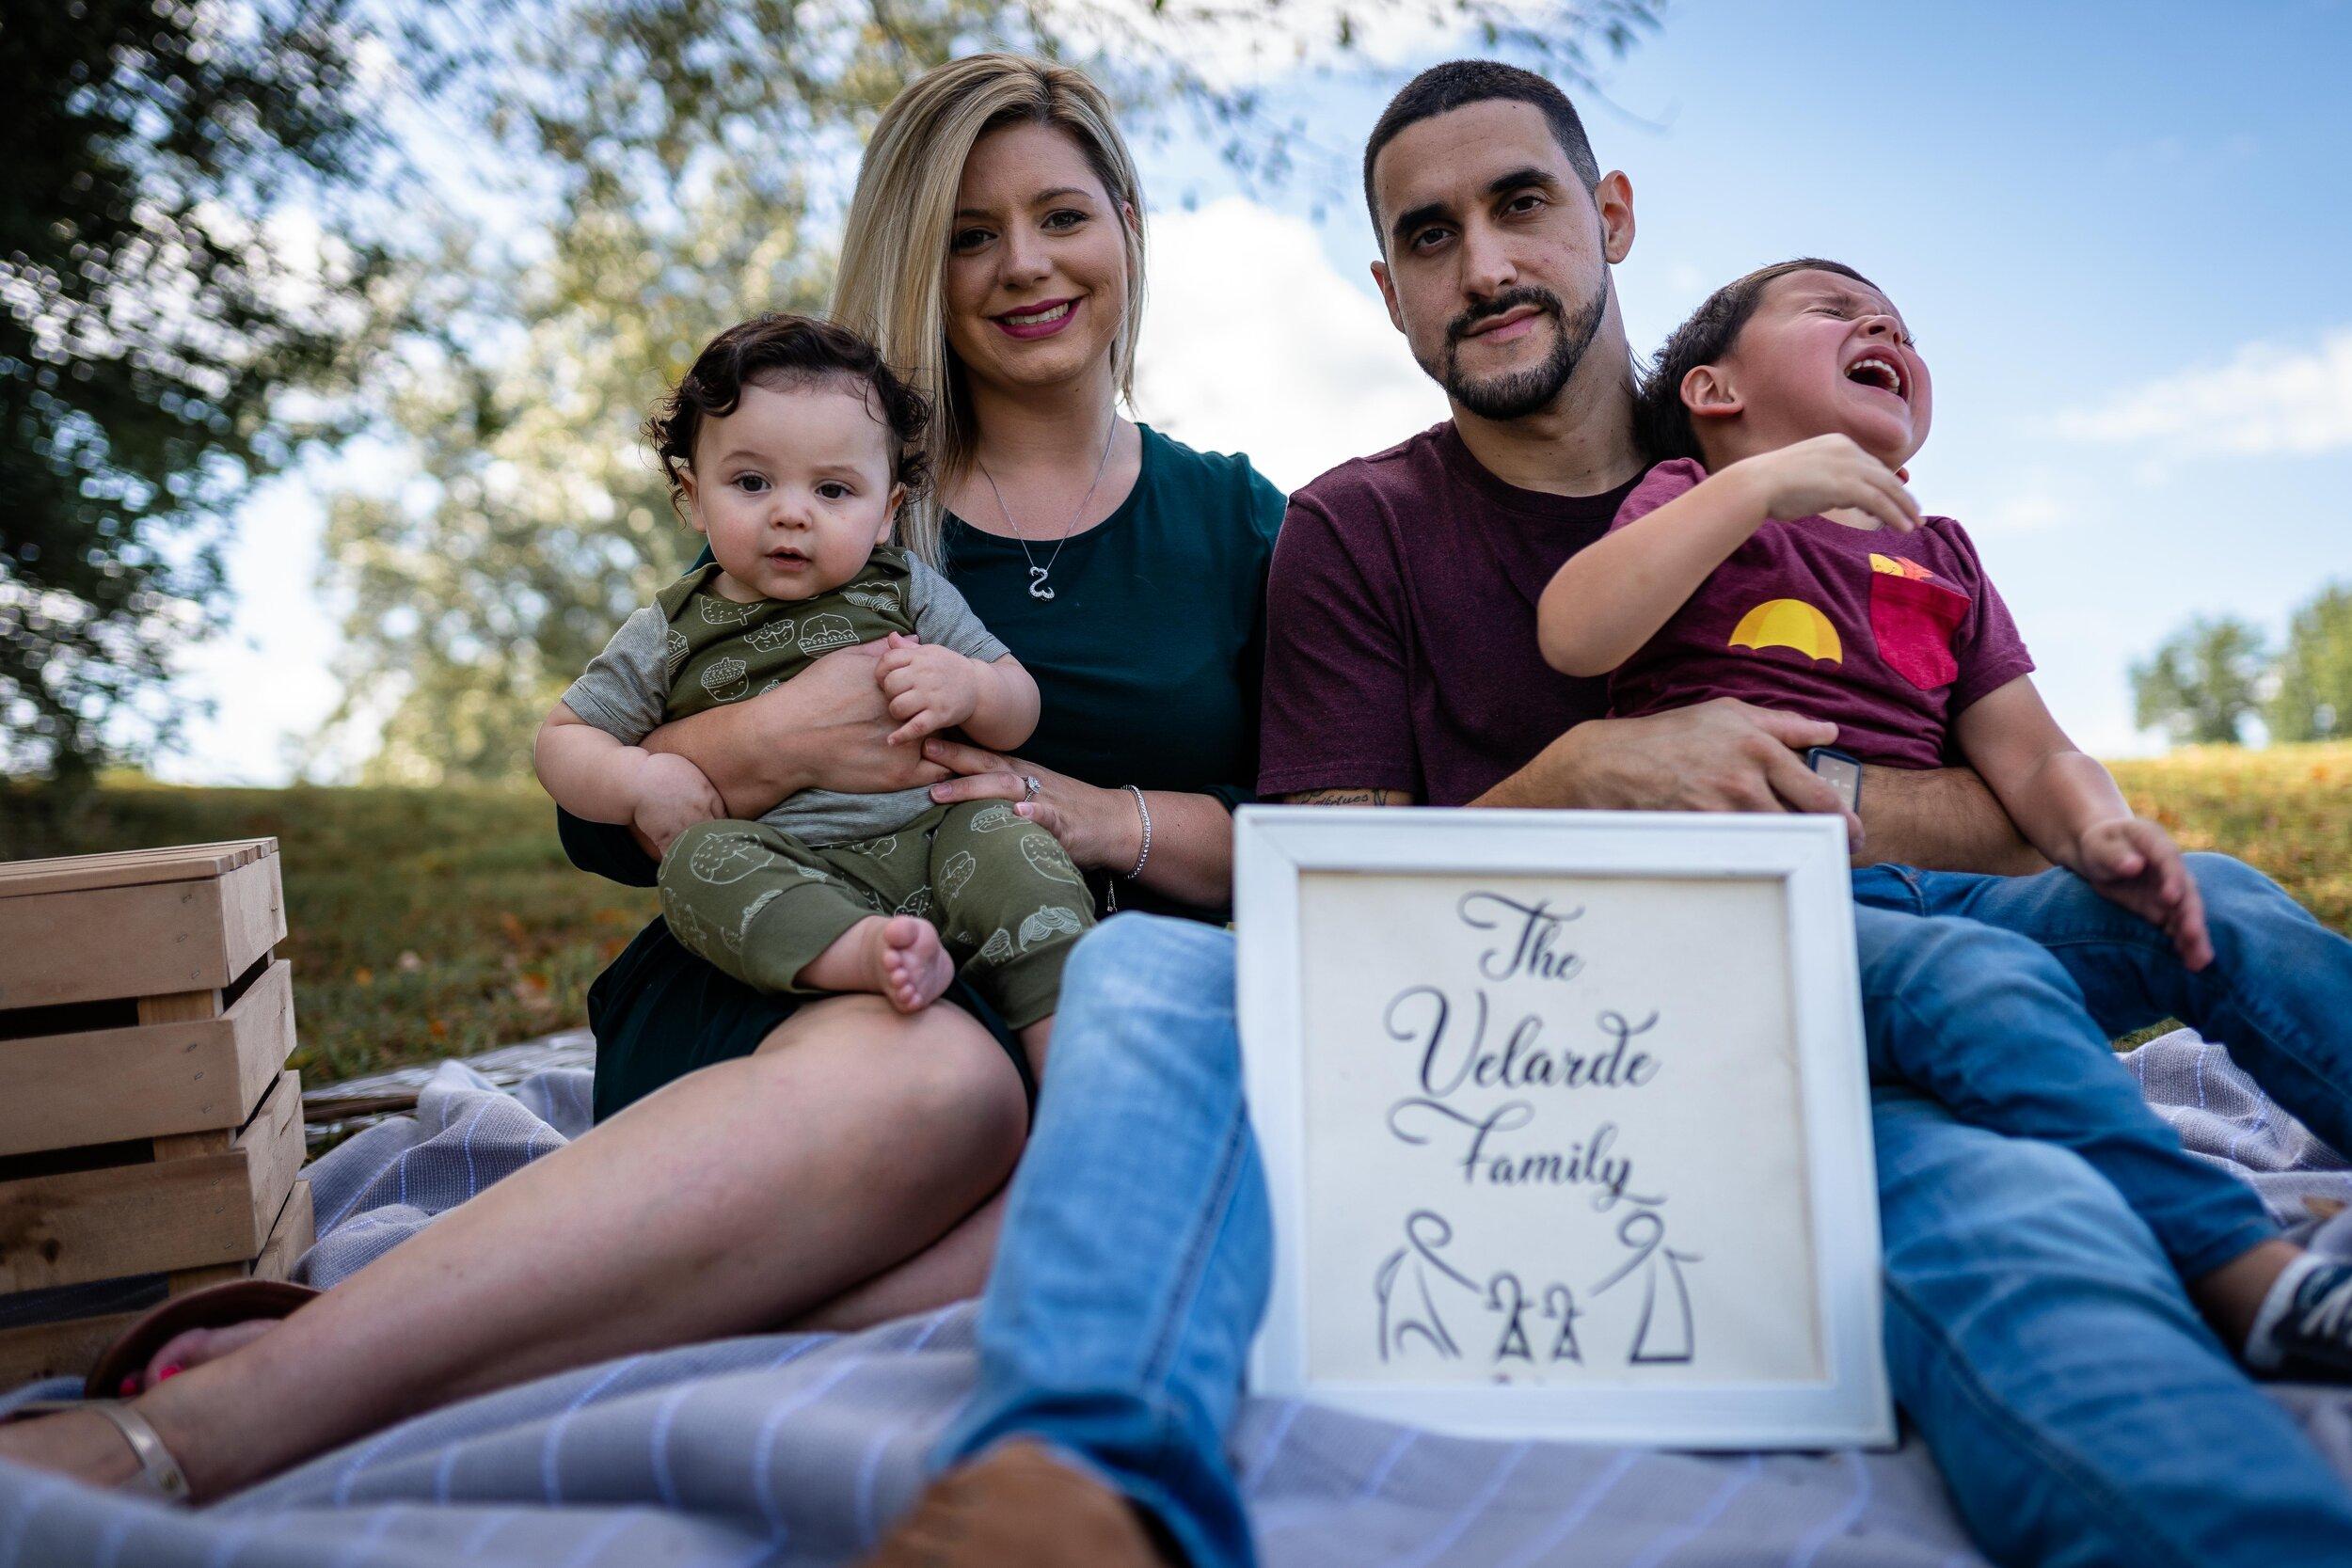 Family Photography Velarde-8.jpg